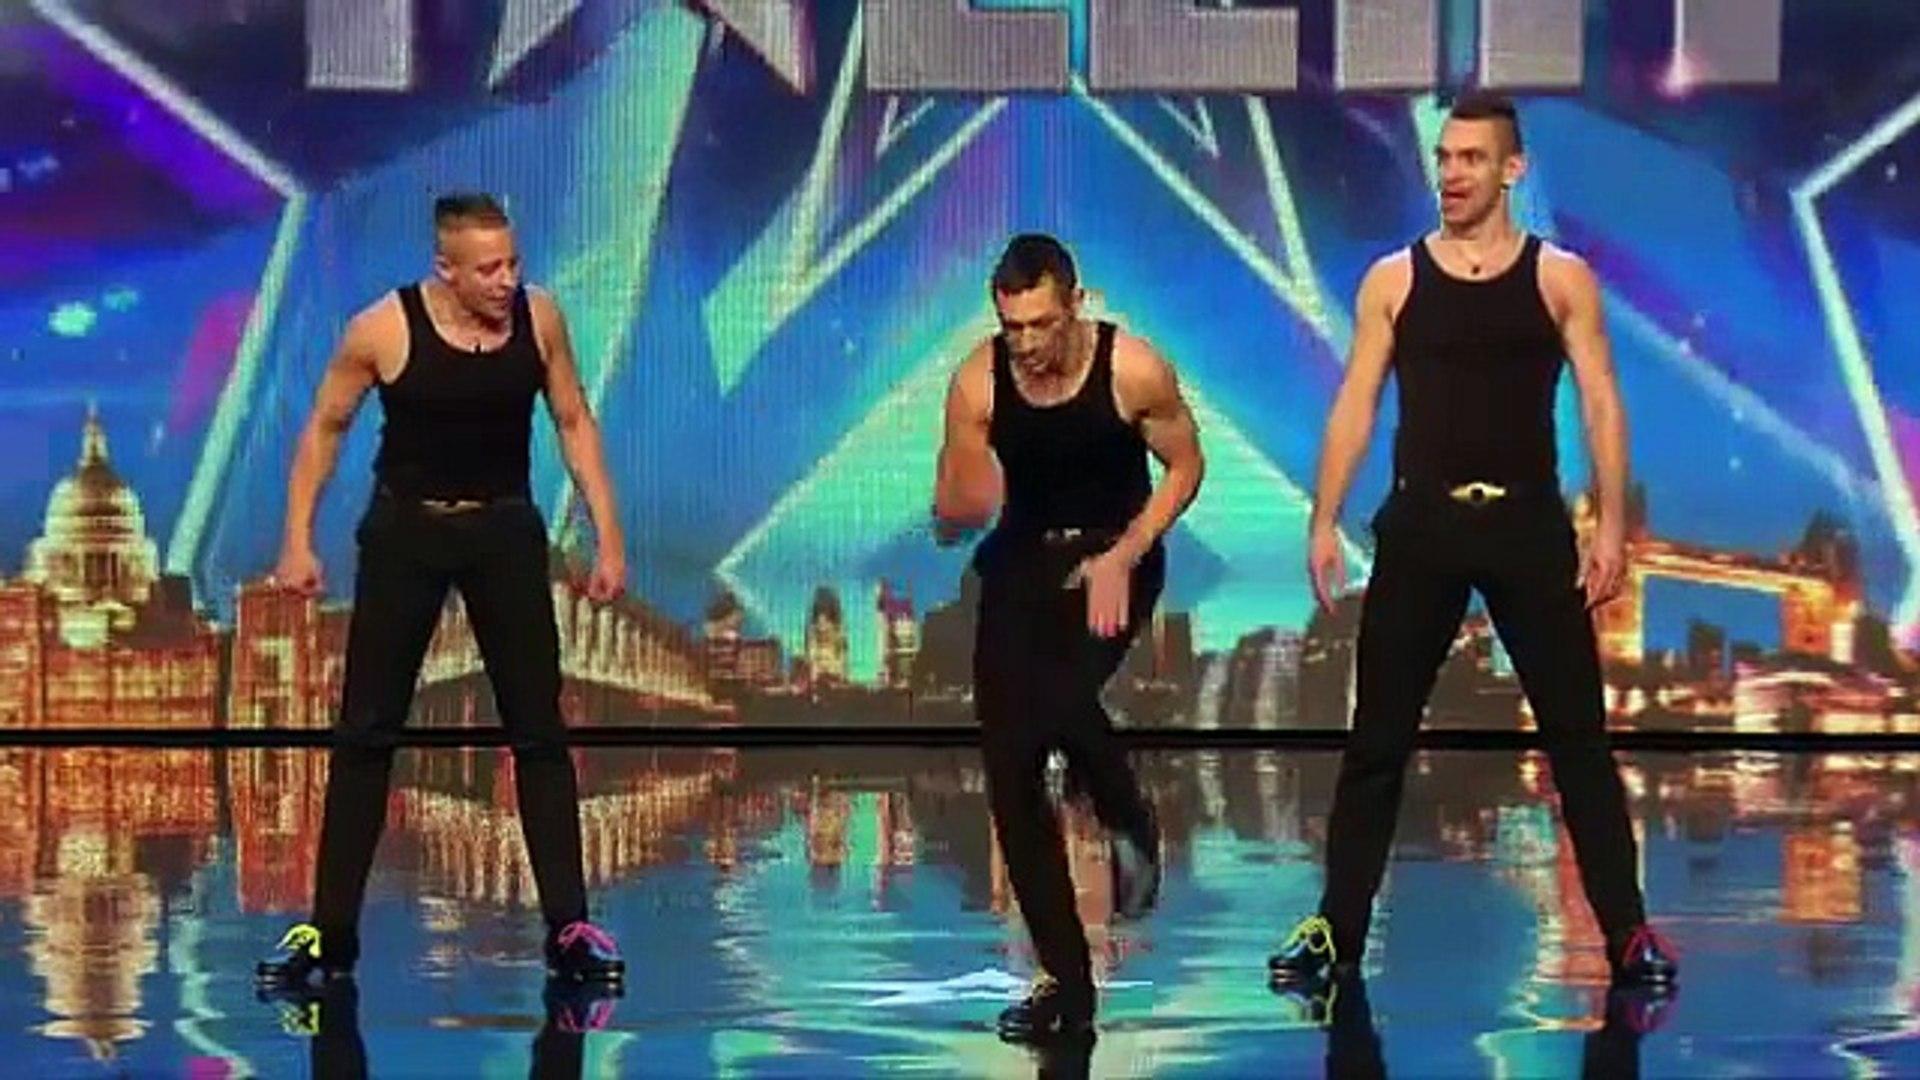 رقص رهيب باستخدام الايدي والارجل برنامج المواهب البريطاني 2015